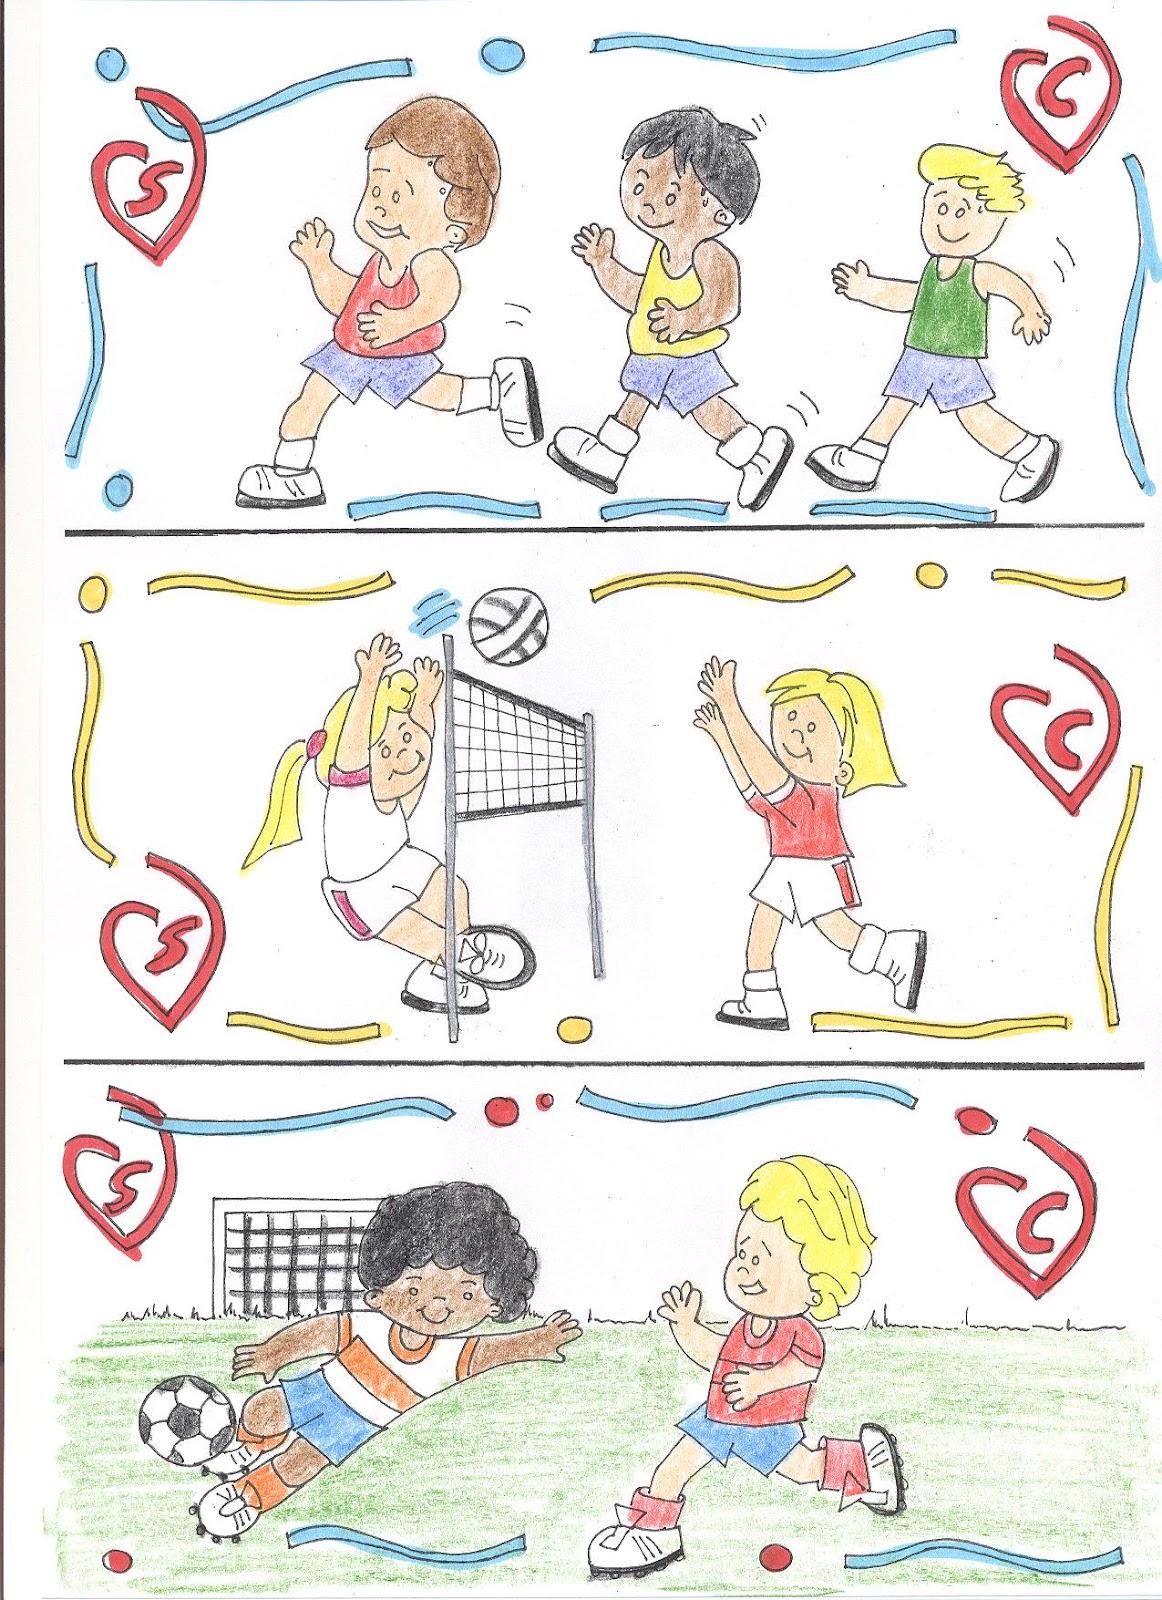 Juegos Escolares 2012 Sagrado Corazón Chamartín: abril 2012